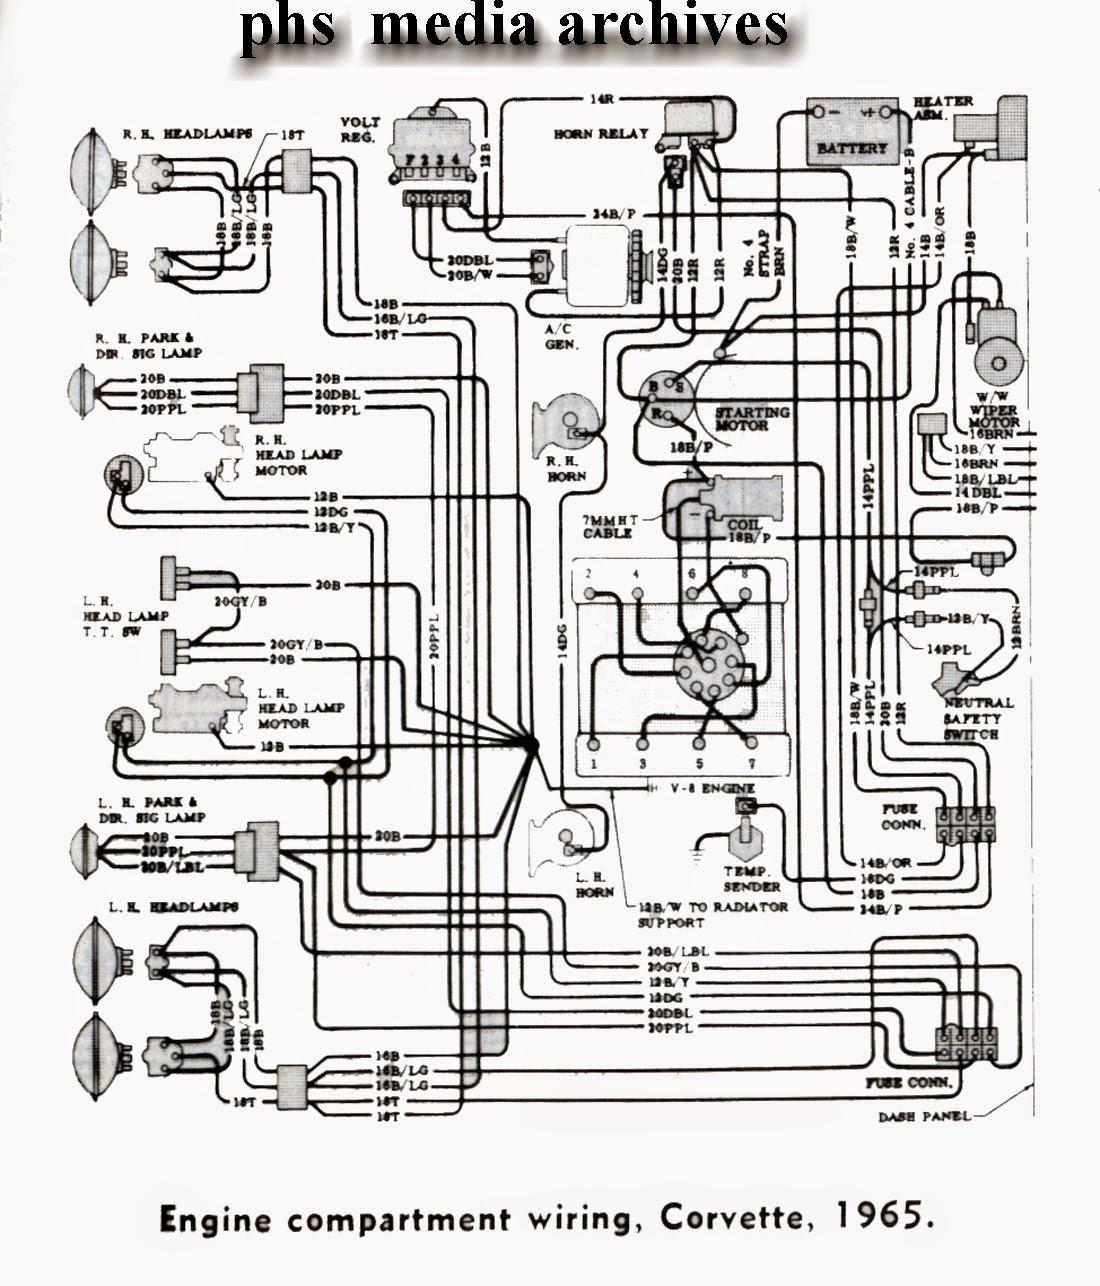 1965 chevy impala wiring diagram schematic